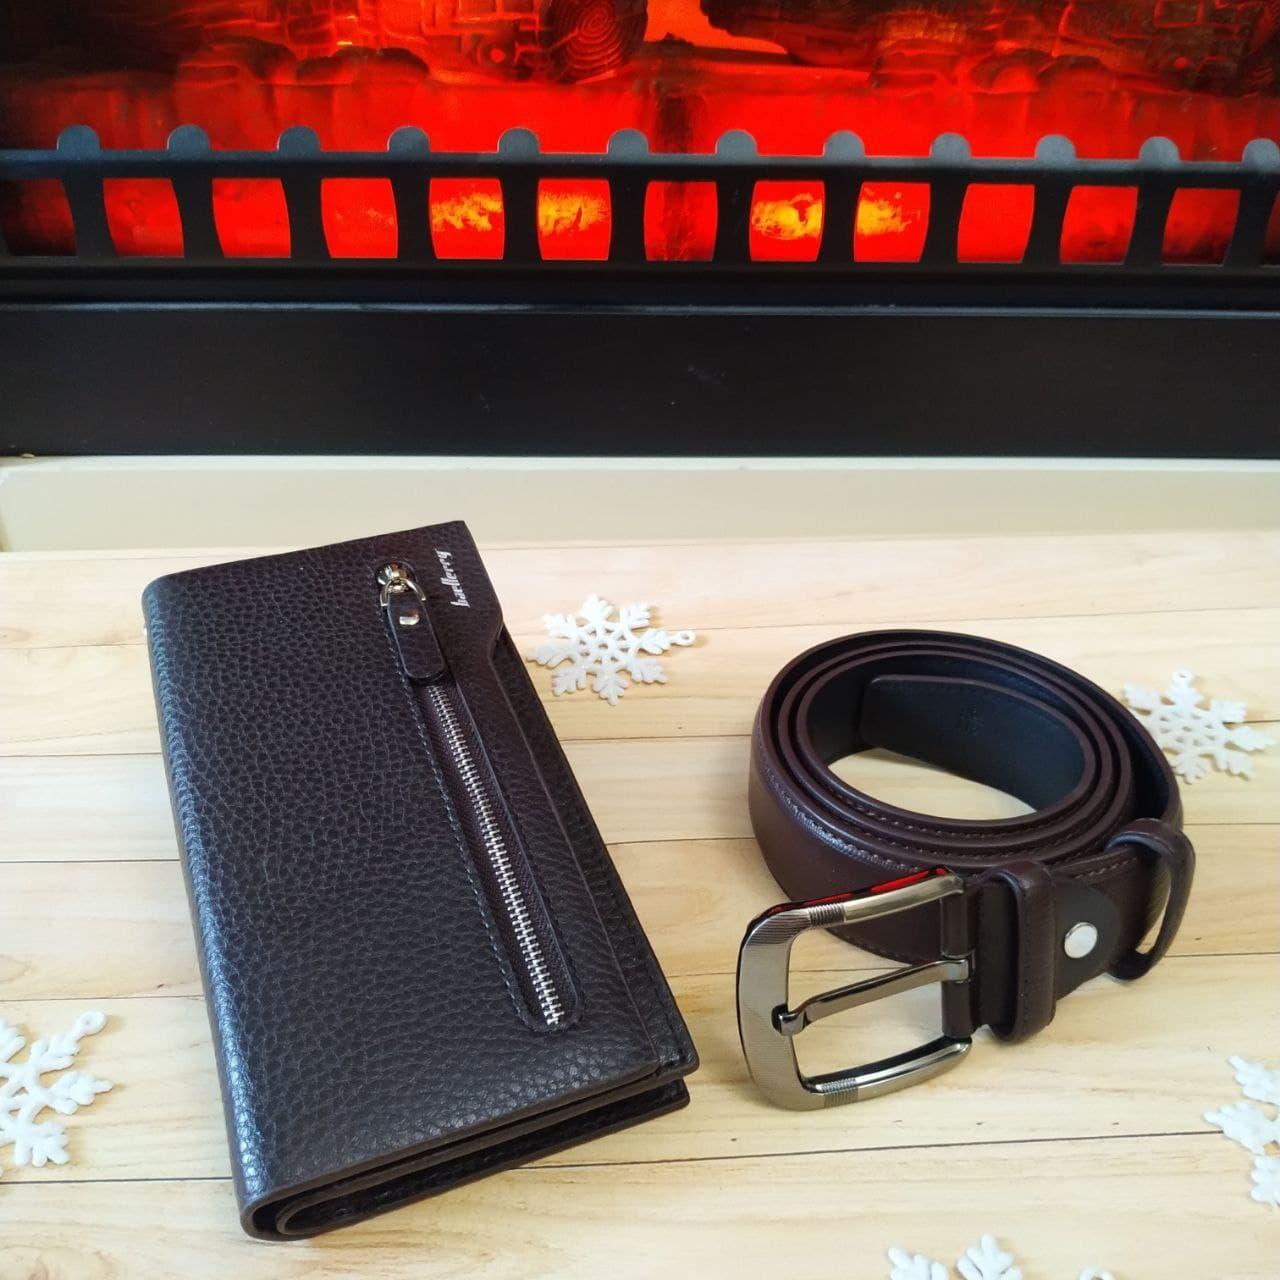 Подарочный набор мужской. Стильный молодежный портмоне Baellerry Monaco + ремень из прессованной кожи